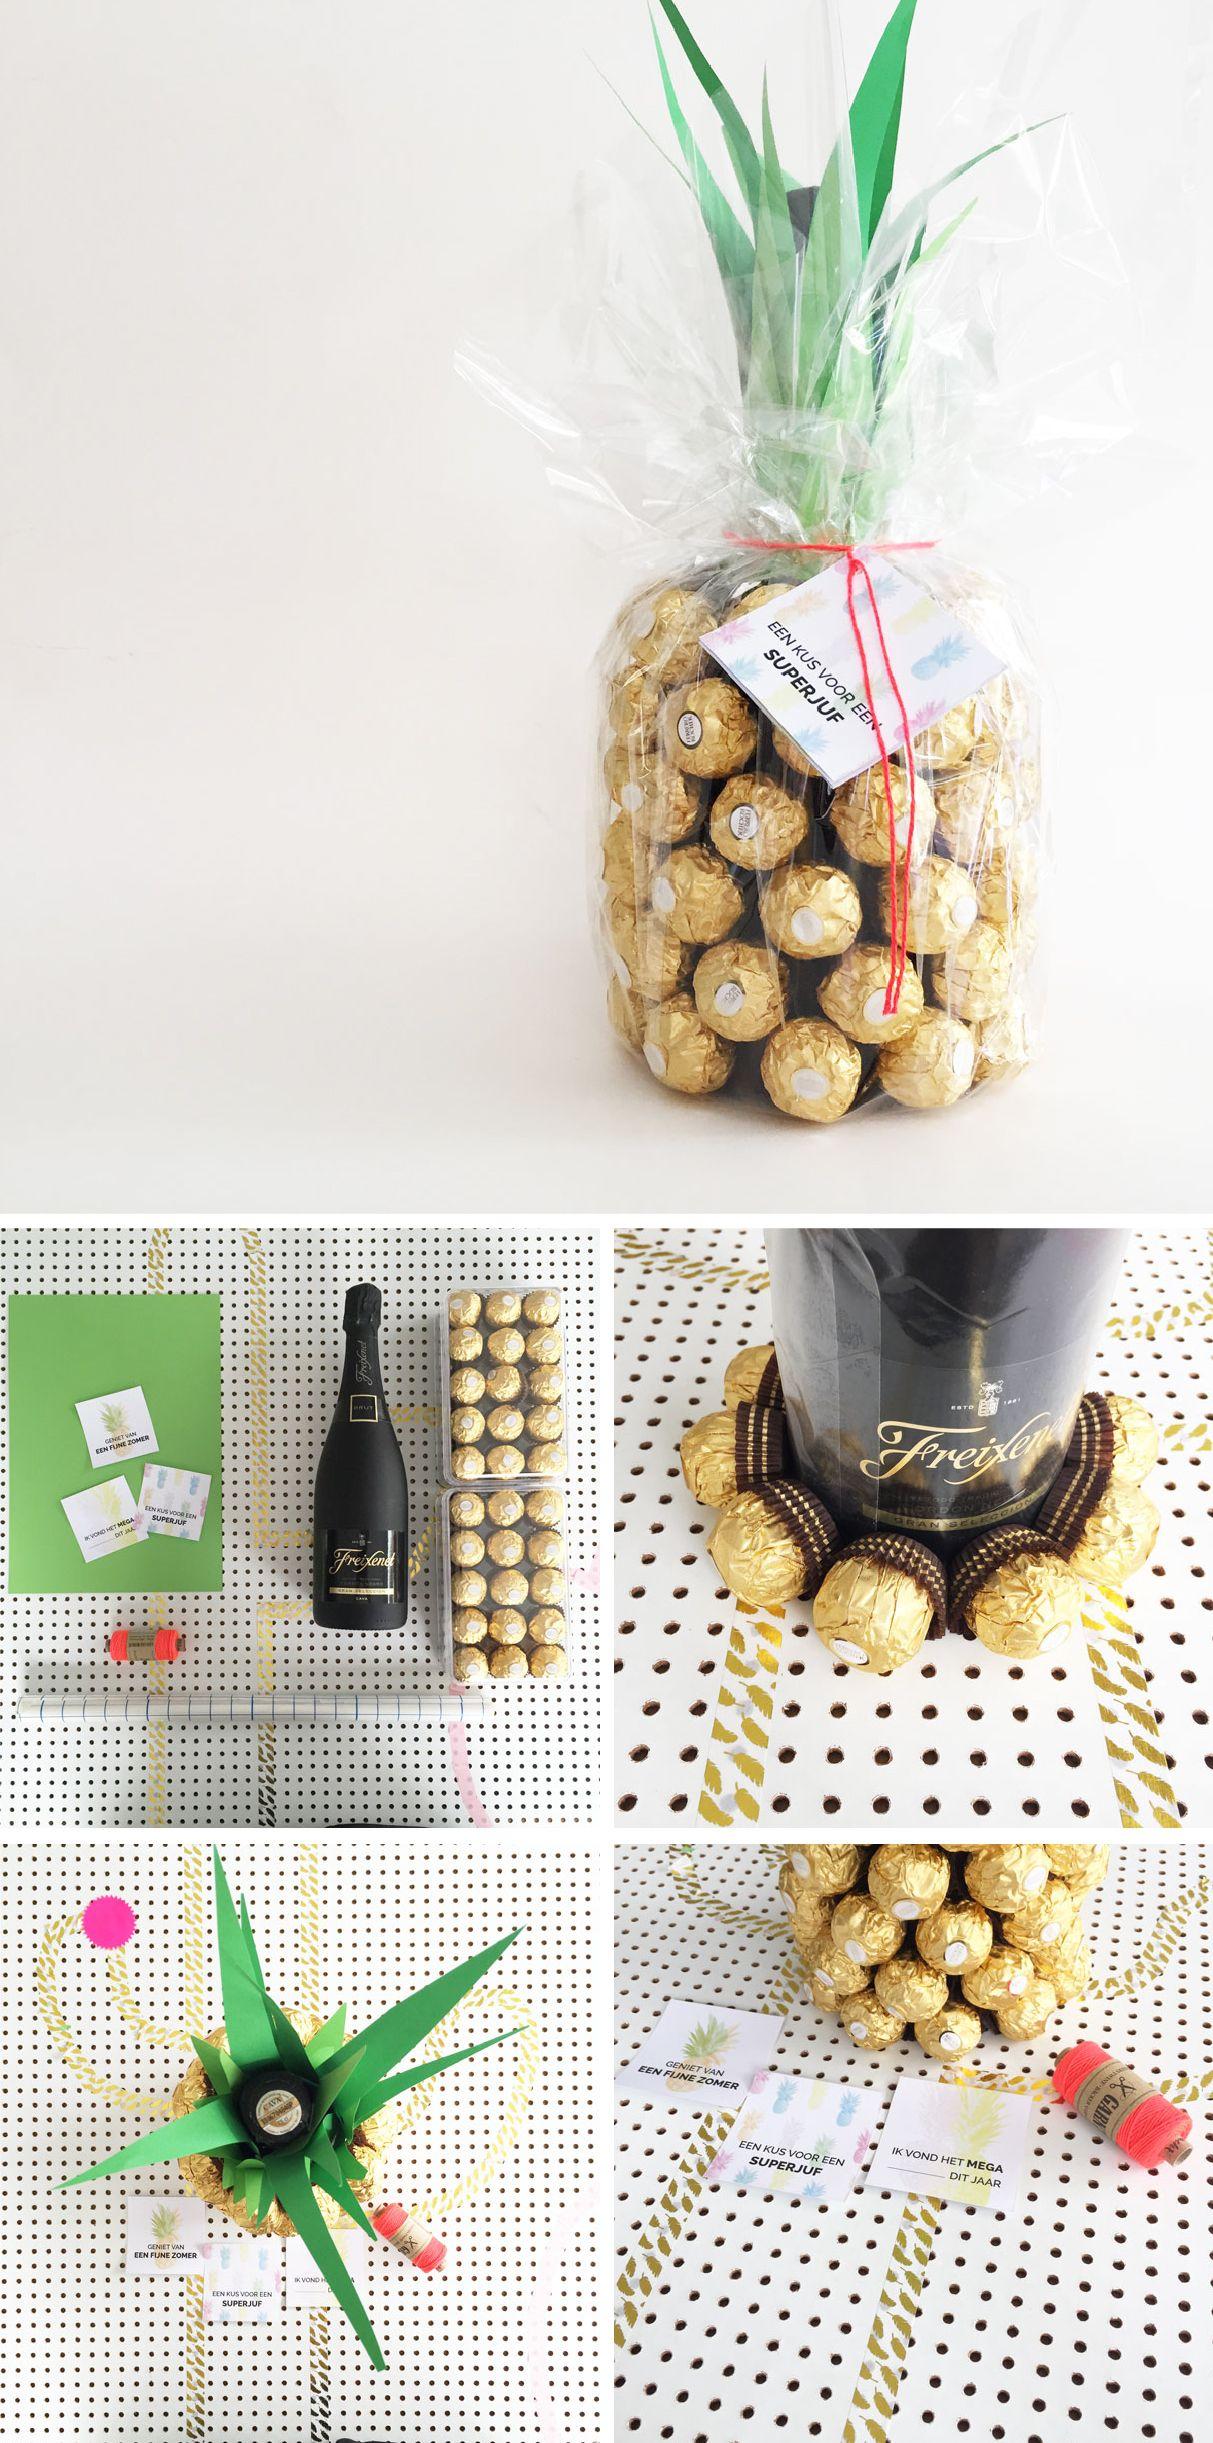 Favoriete De juf krijgt een ananas dank u! | Gift ideas:) | Geschenken #WR57